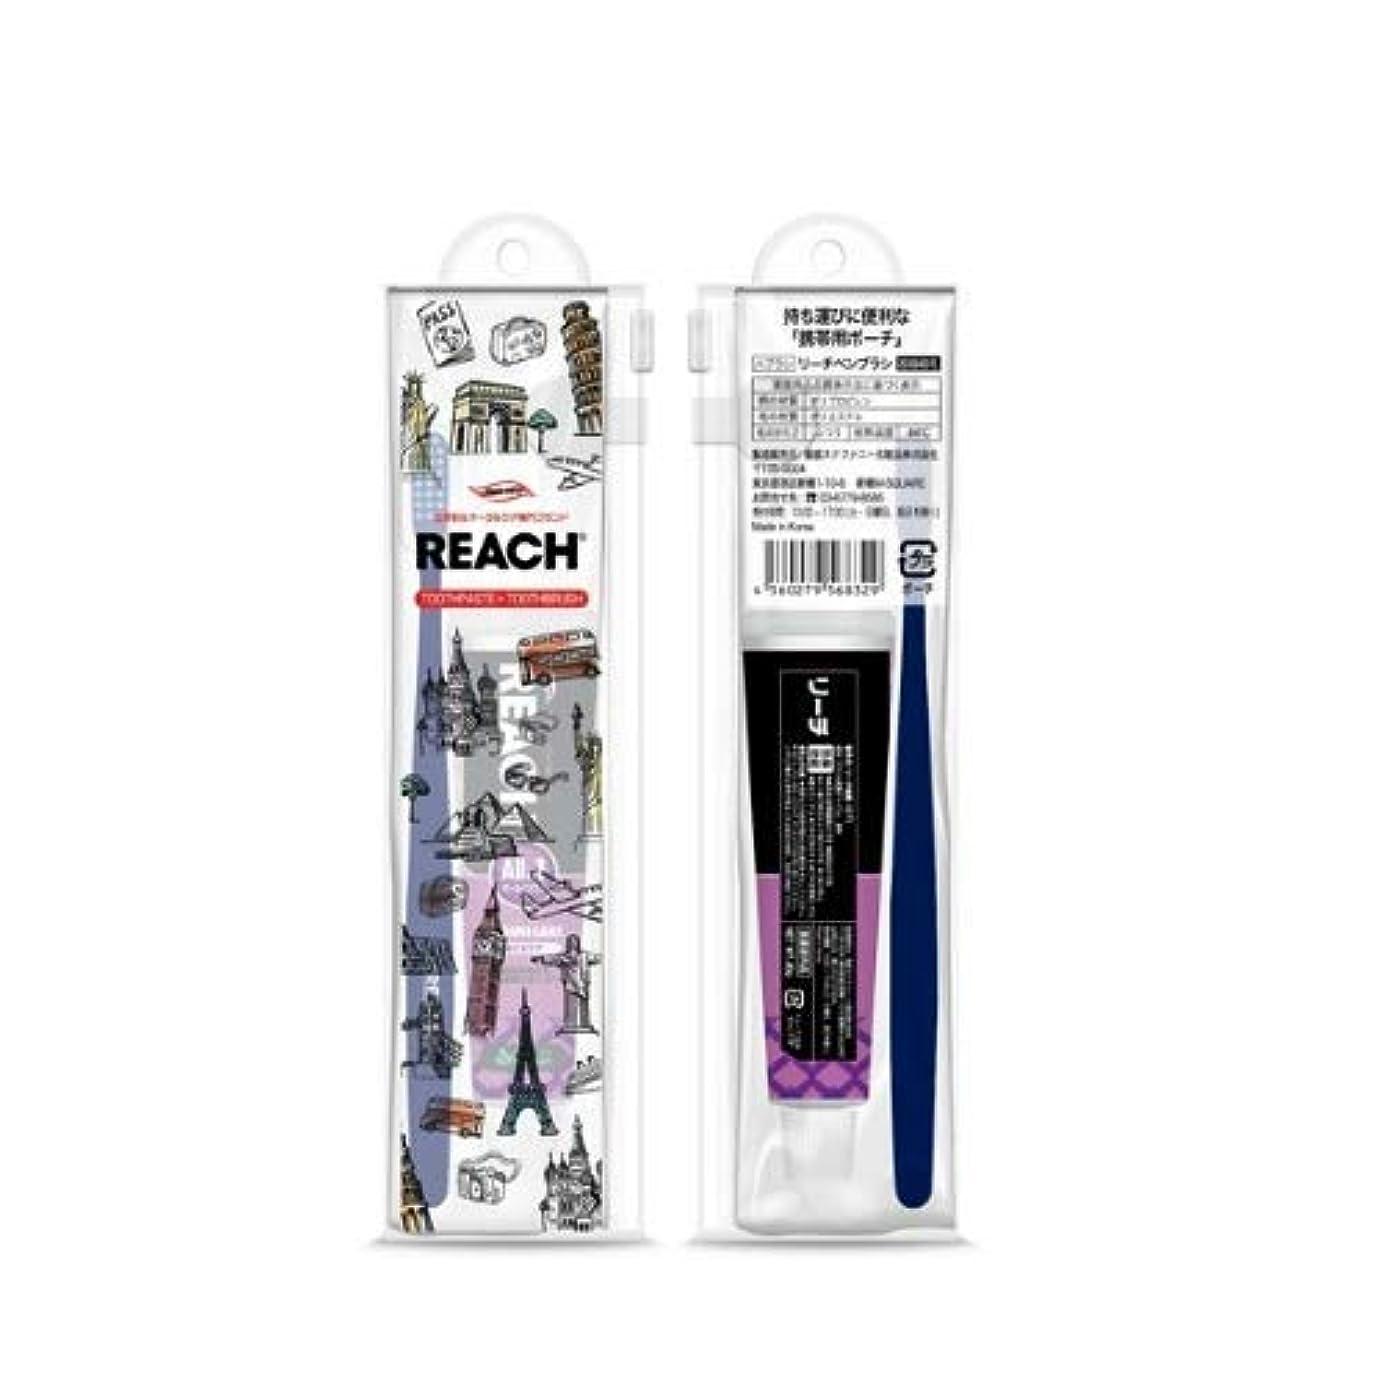 リーチトラベルセット(デンタル歯ブラシ1本?薬用歯みがき40g) × 72個セット